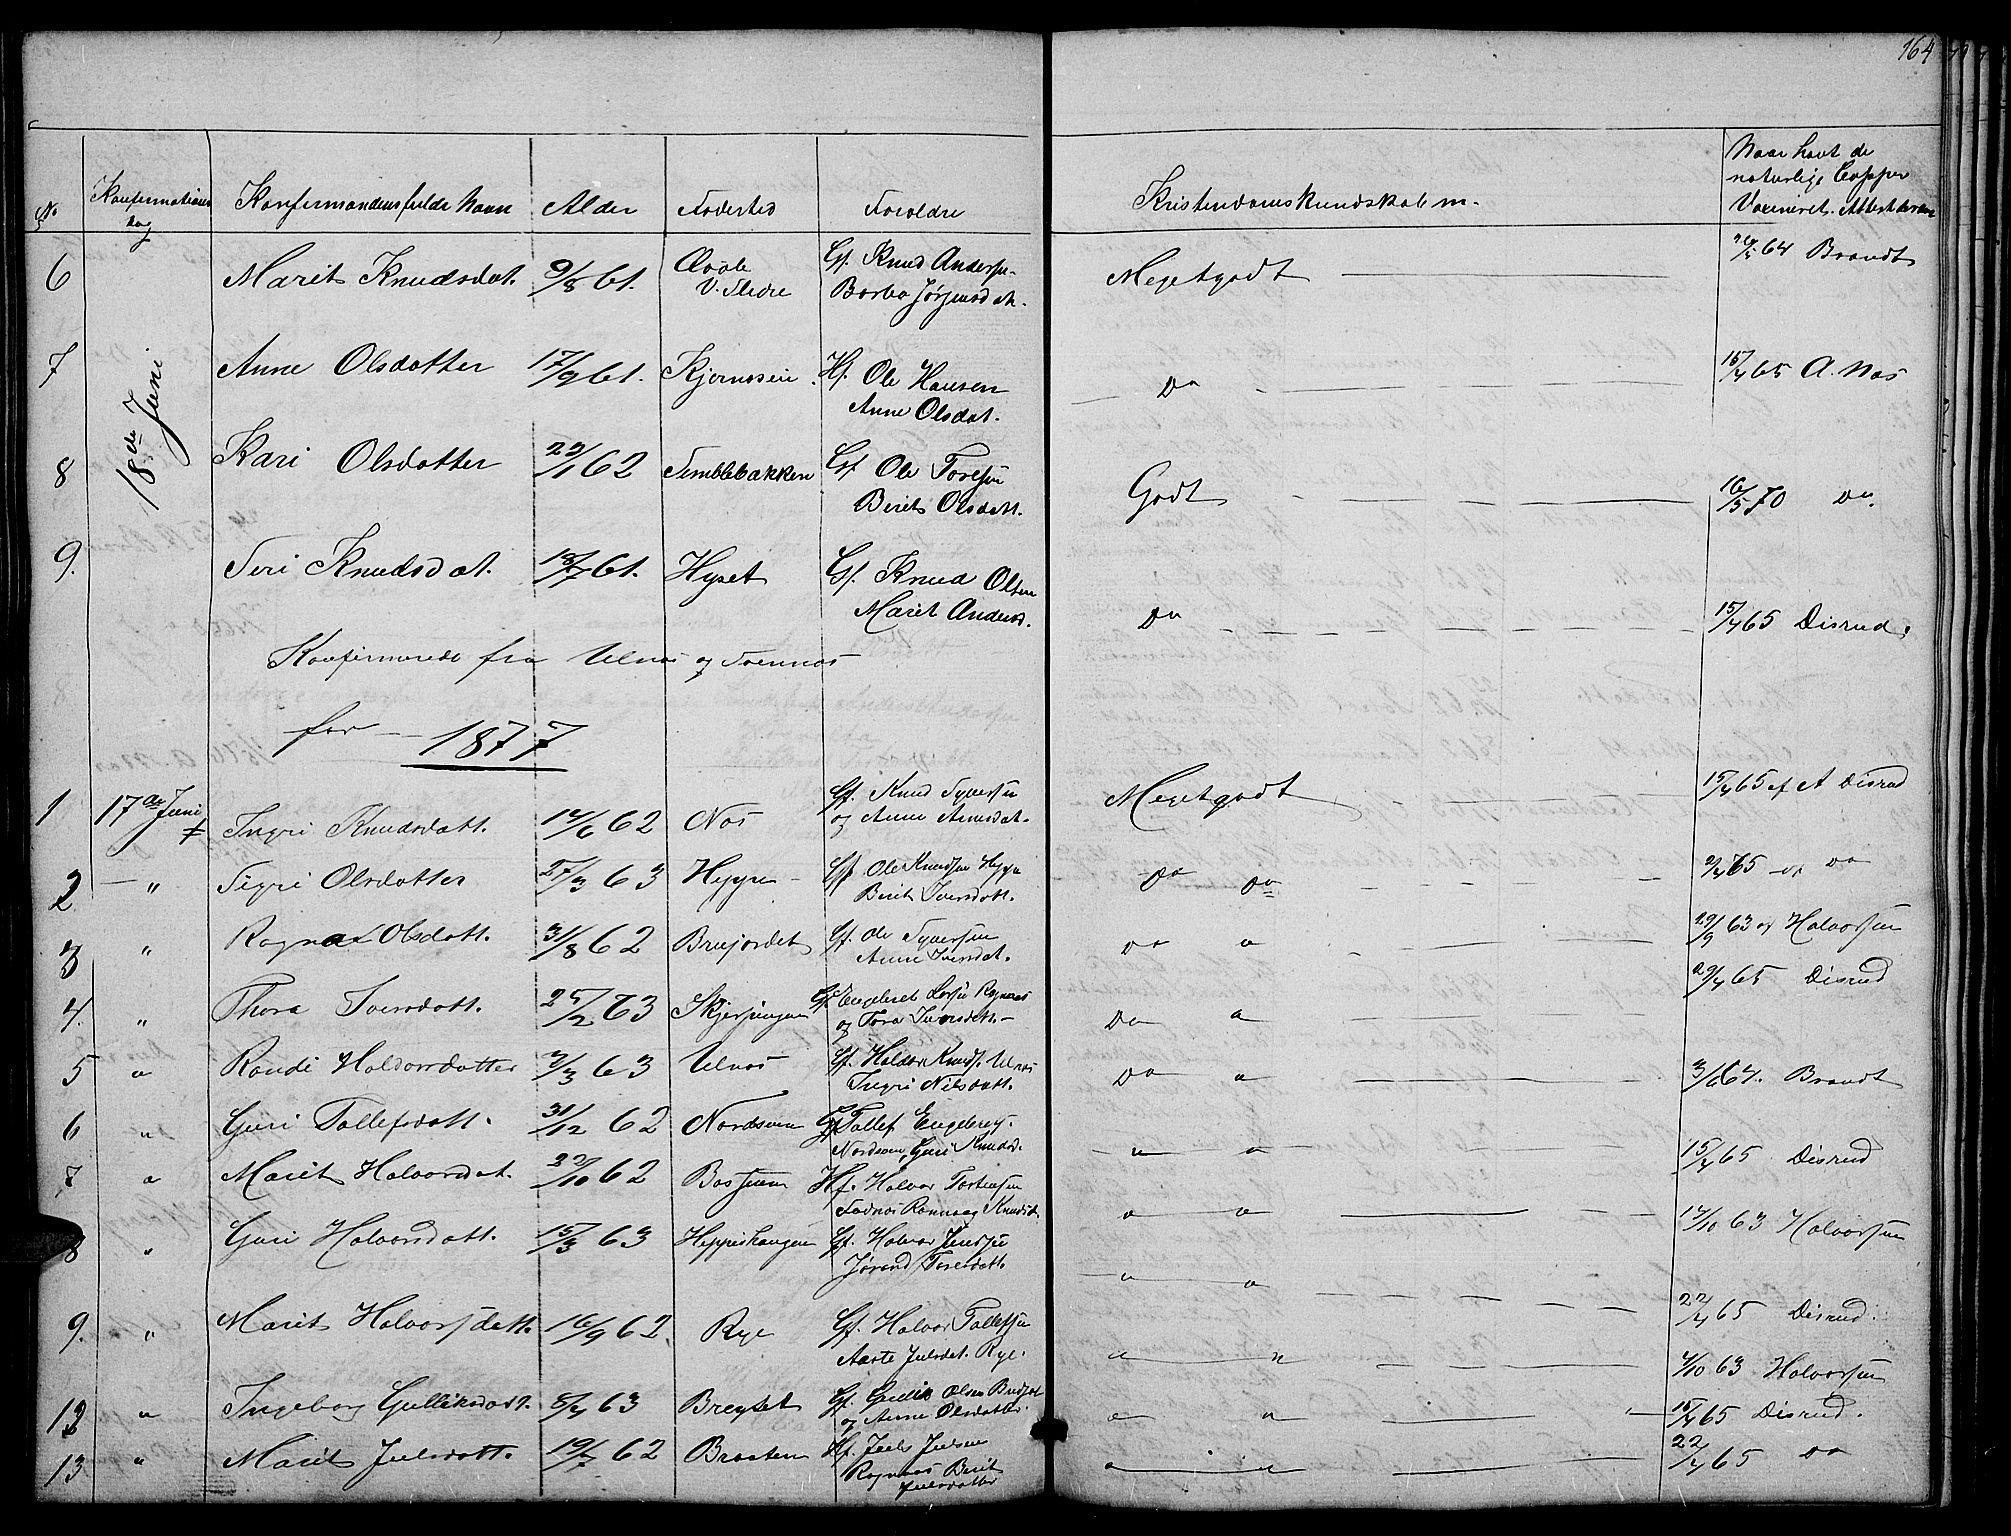 SAH, Nord-Aurdal prestekontor, Klokkerbok nr. 4, 1842-1882, s. 164